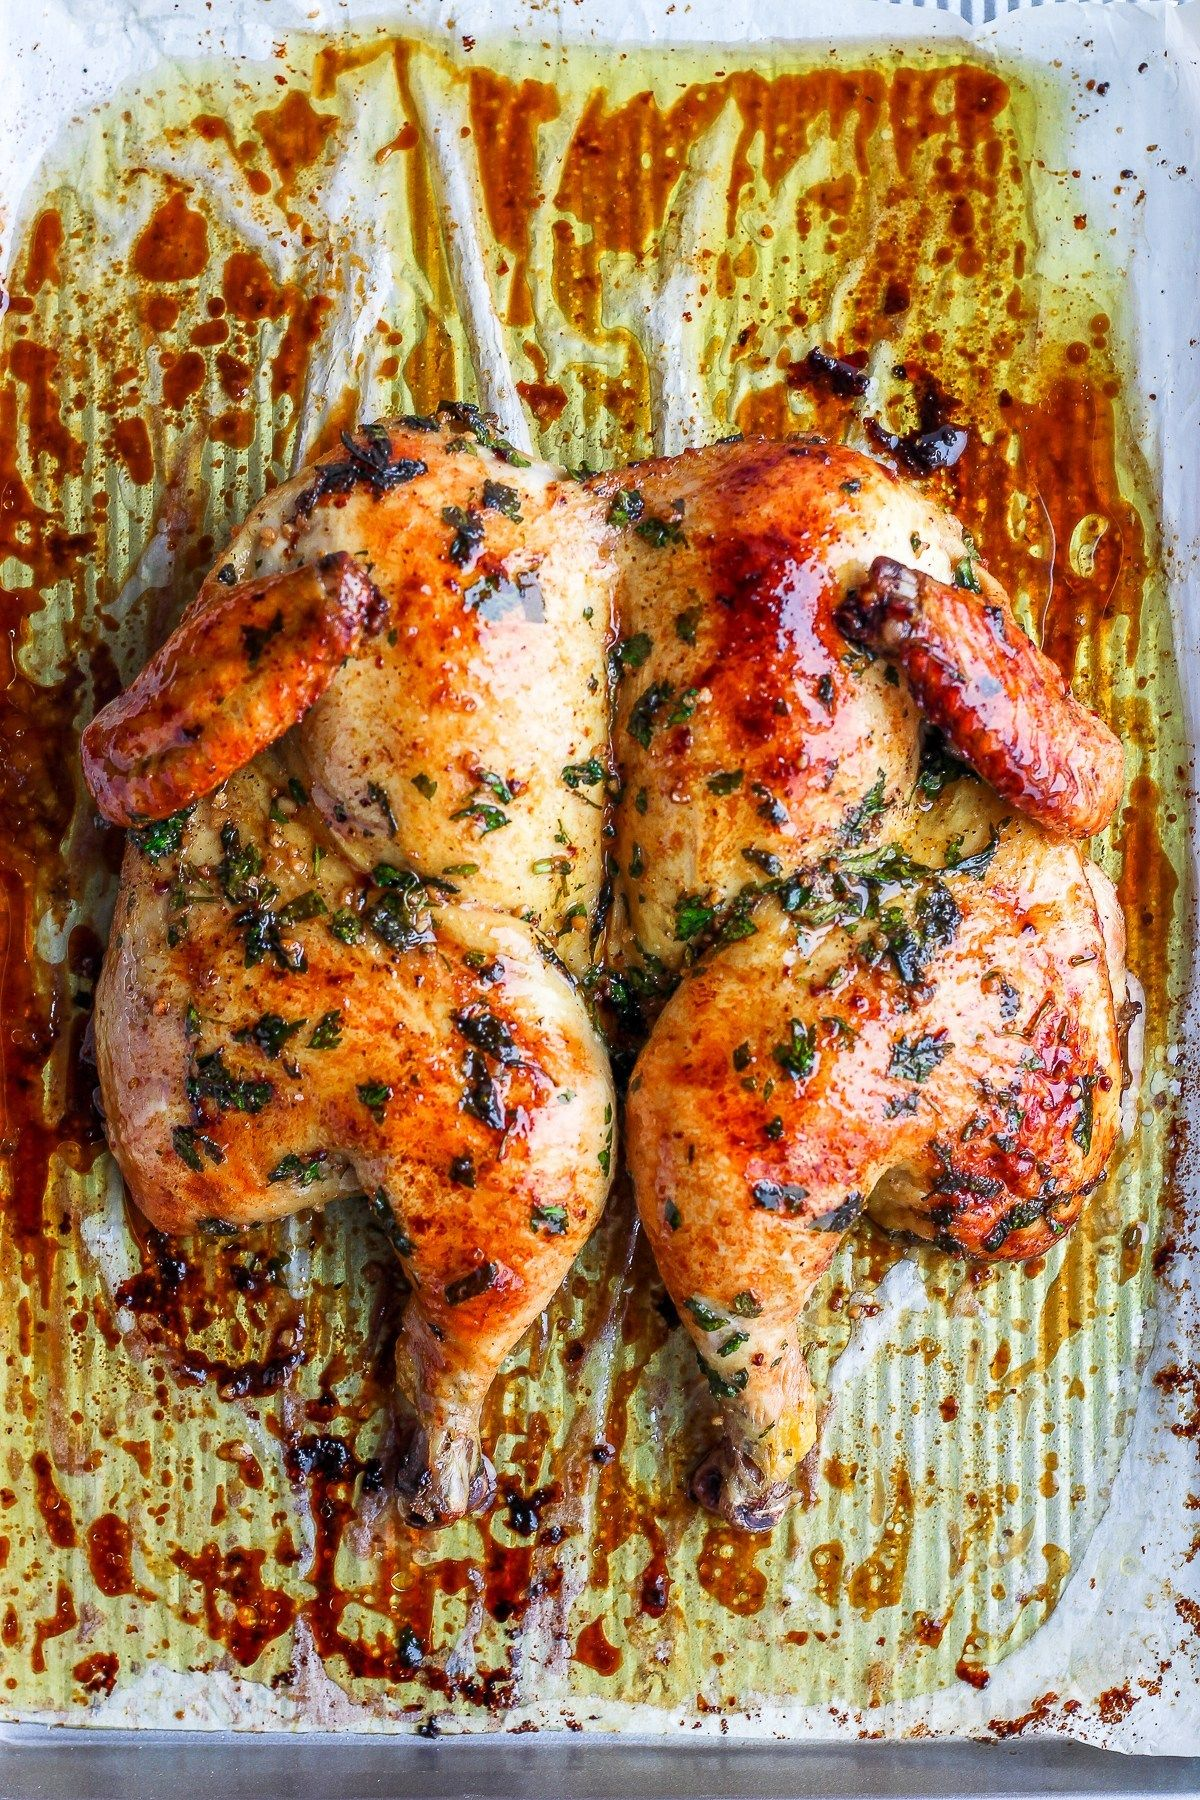 Sunday Dinner Butterflied Chicken Recipe Butterflied